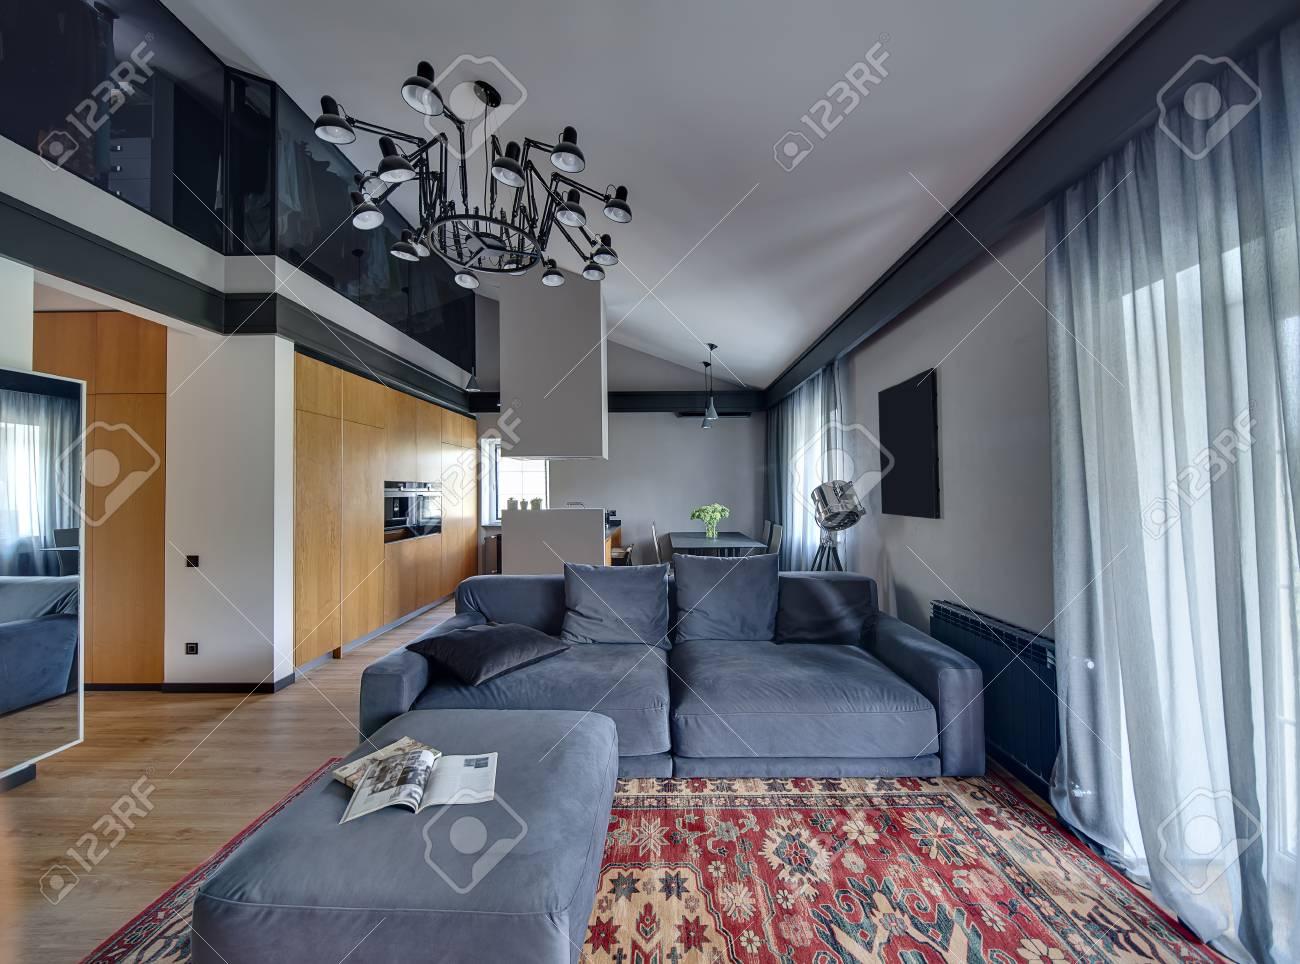 Archivio fotografico camera in stile moderno con pareti chiare e parquet con tappeto rosso sul pavimento cè divano blu con cuscini isola cucina